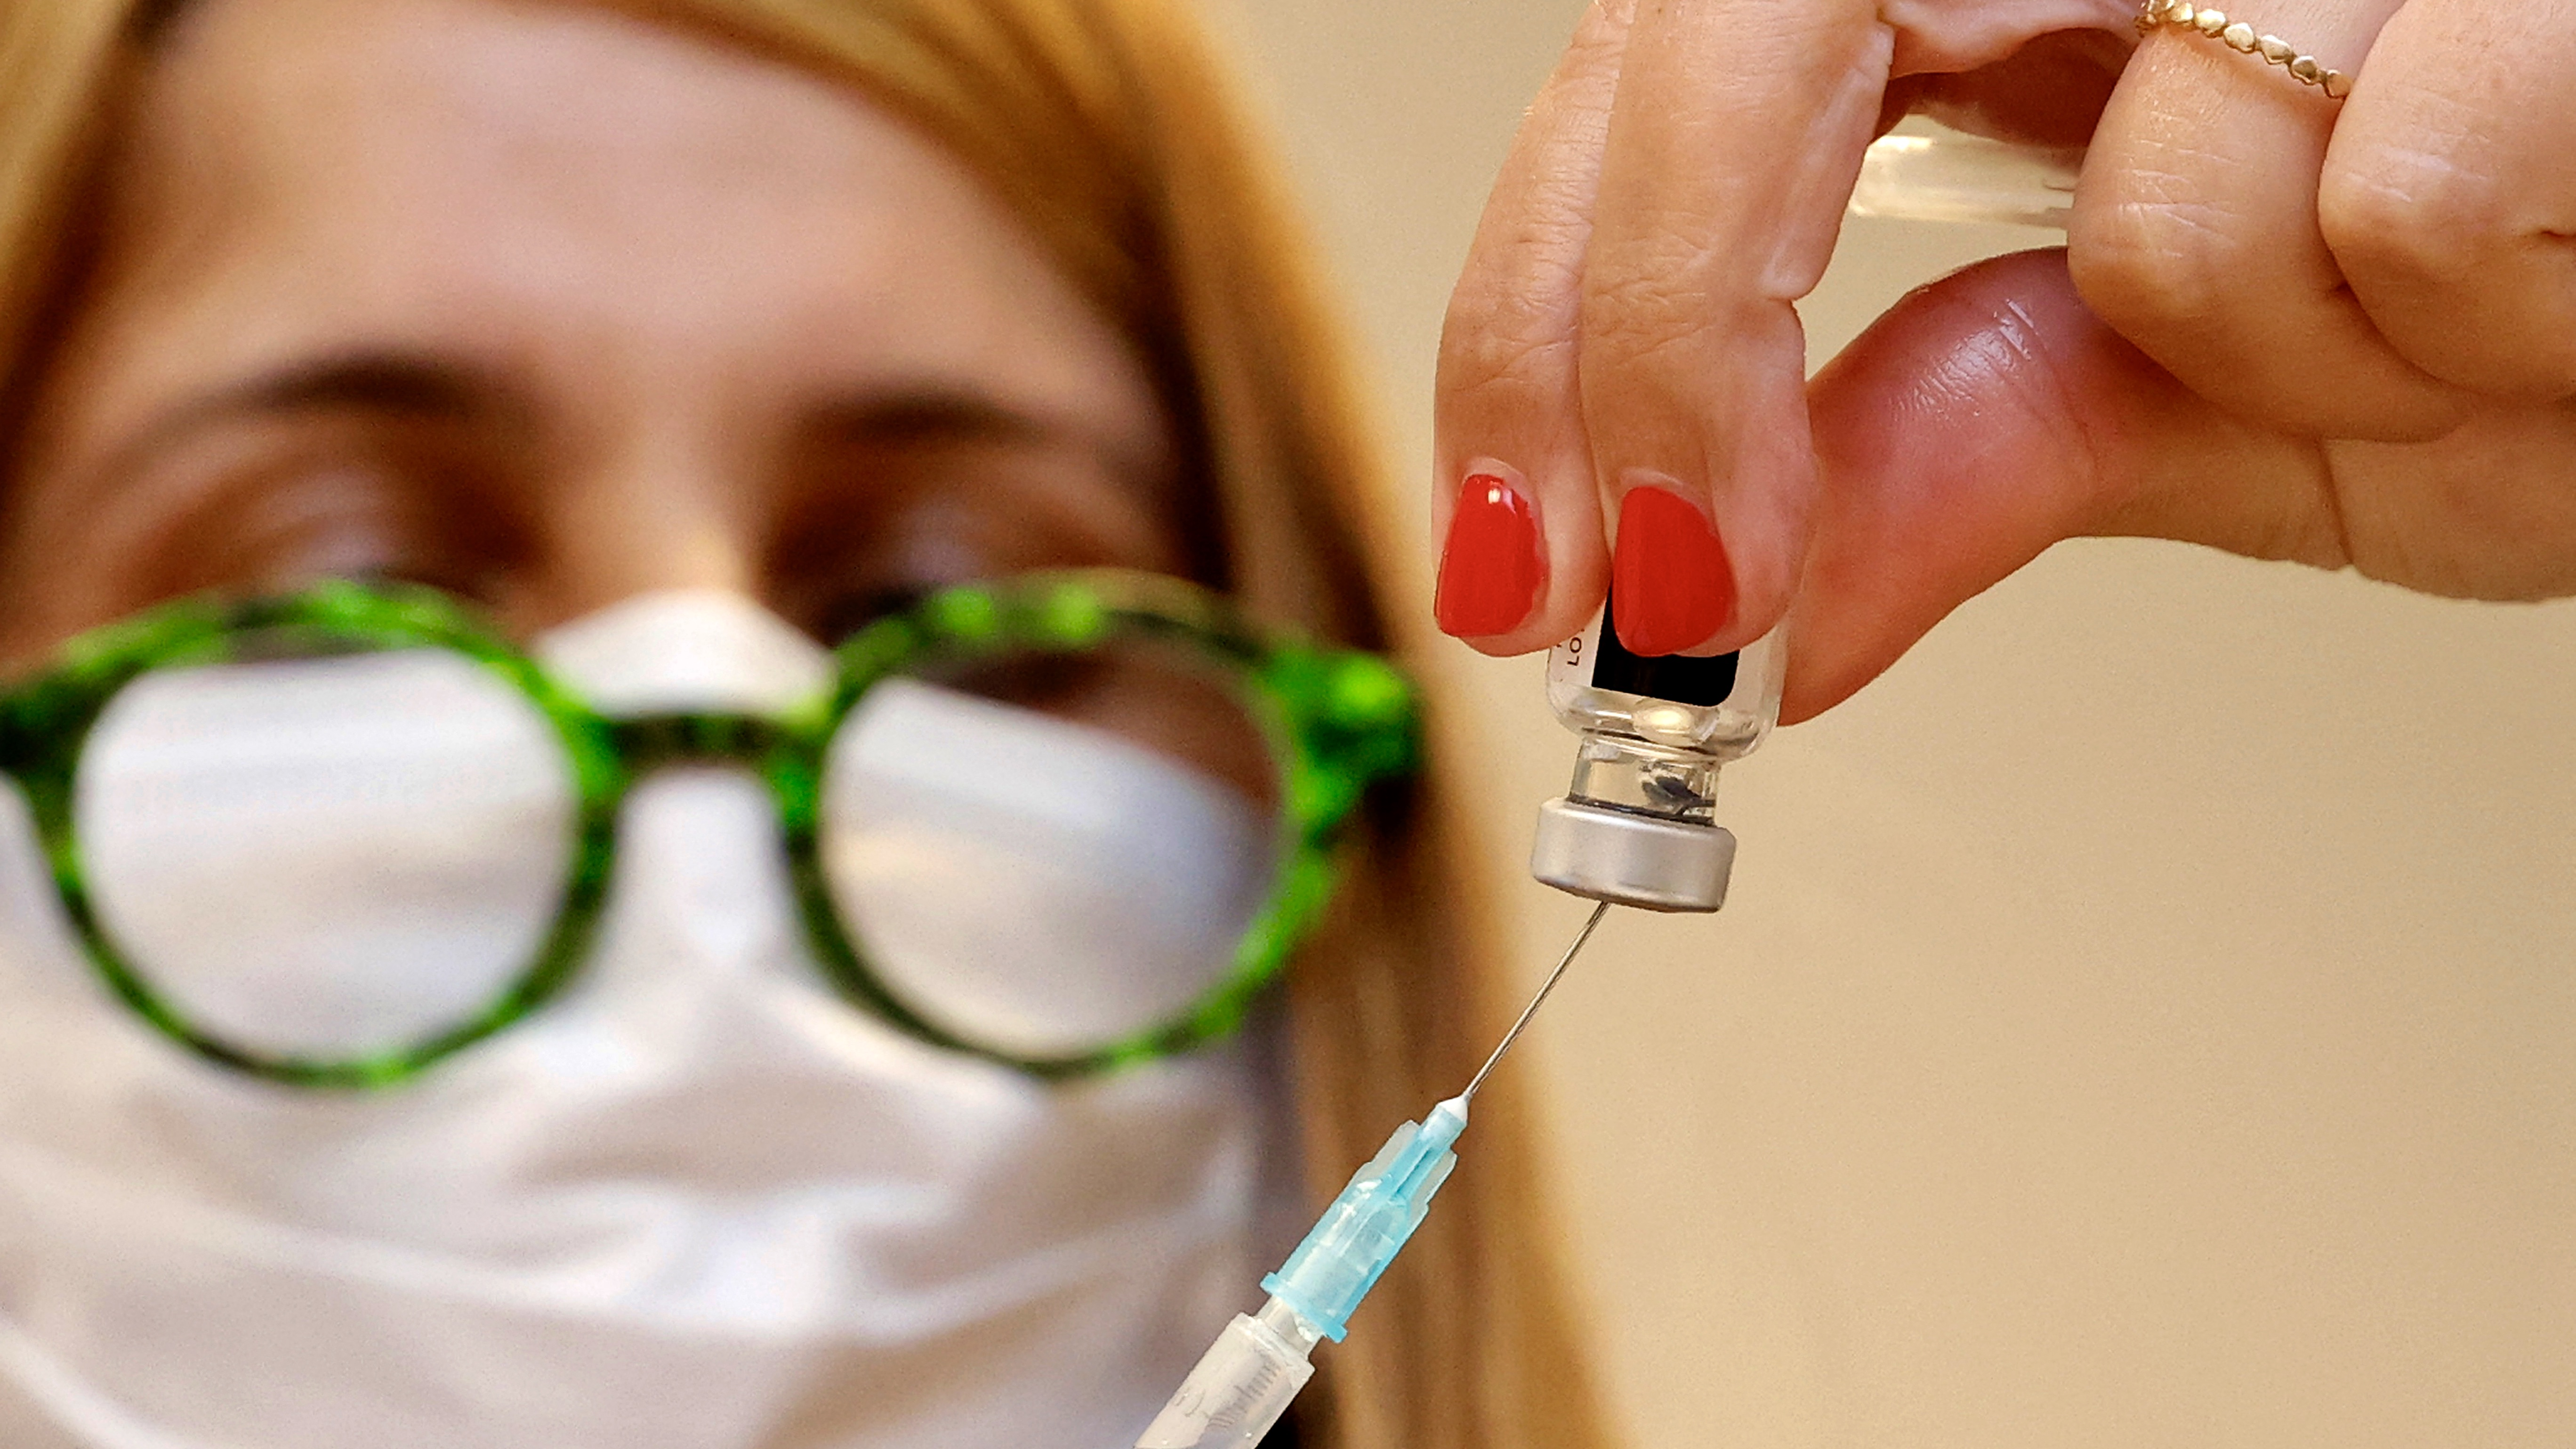 A hazai szakértők szerint a kínai vakcinával oltott idősek védettsége nem megfelelő, a problémát azonnal kezelni kéne